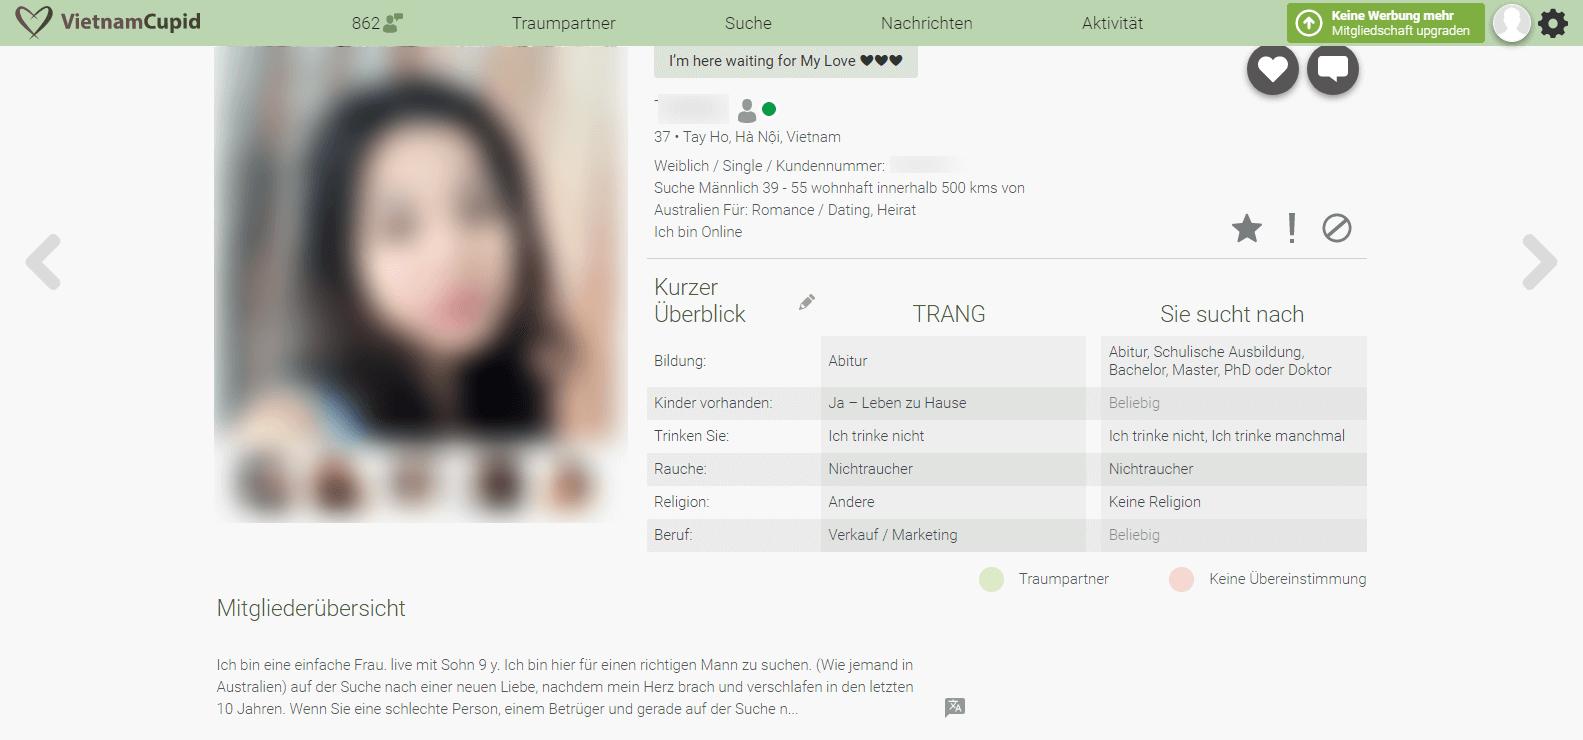 VietnamCupid Profil